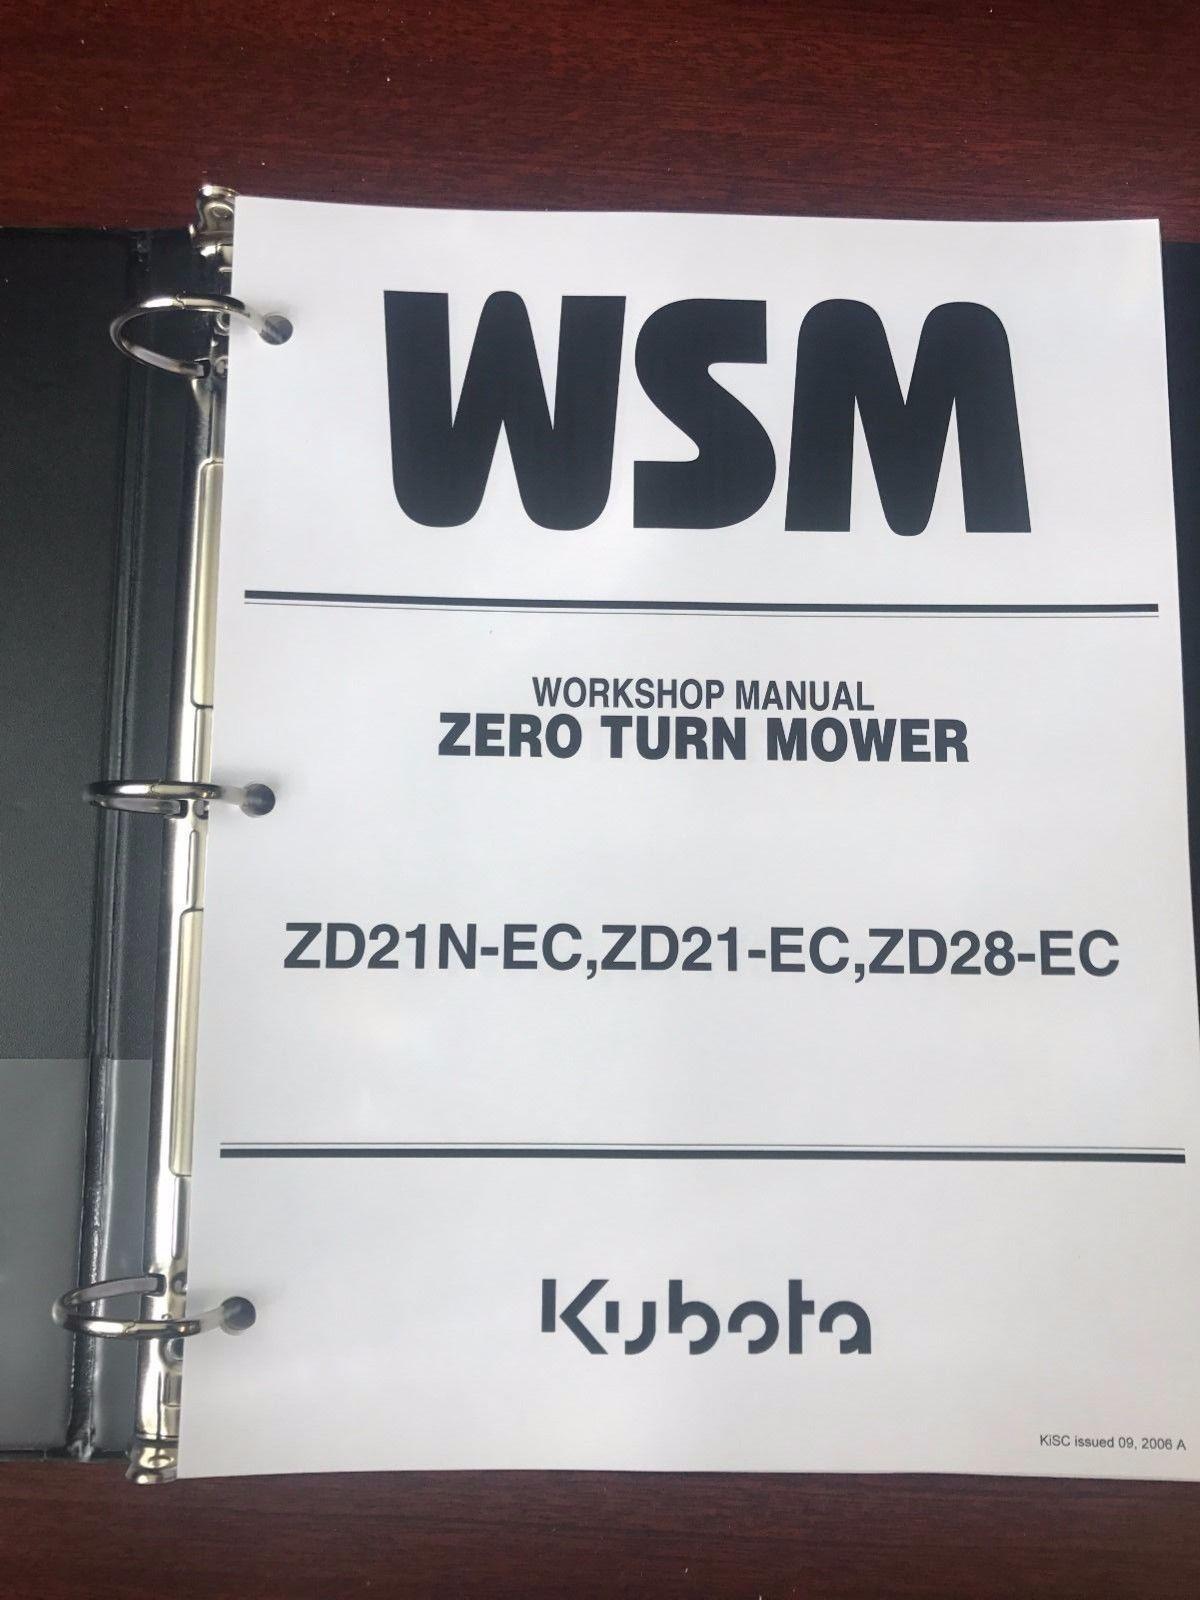 kubota zd21 service manual download user guide manual that easy to kubota  backhoe parts diagram kubota